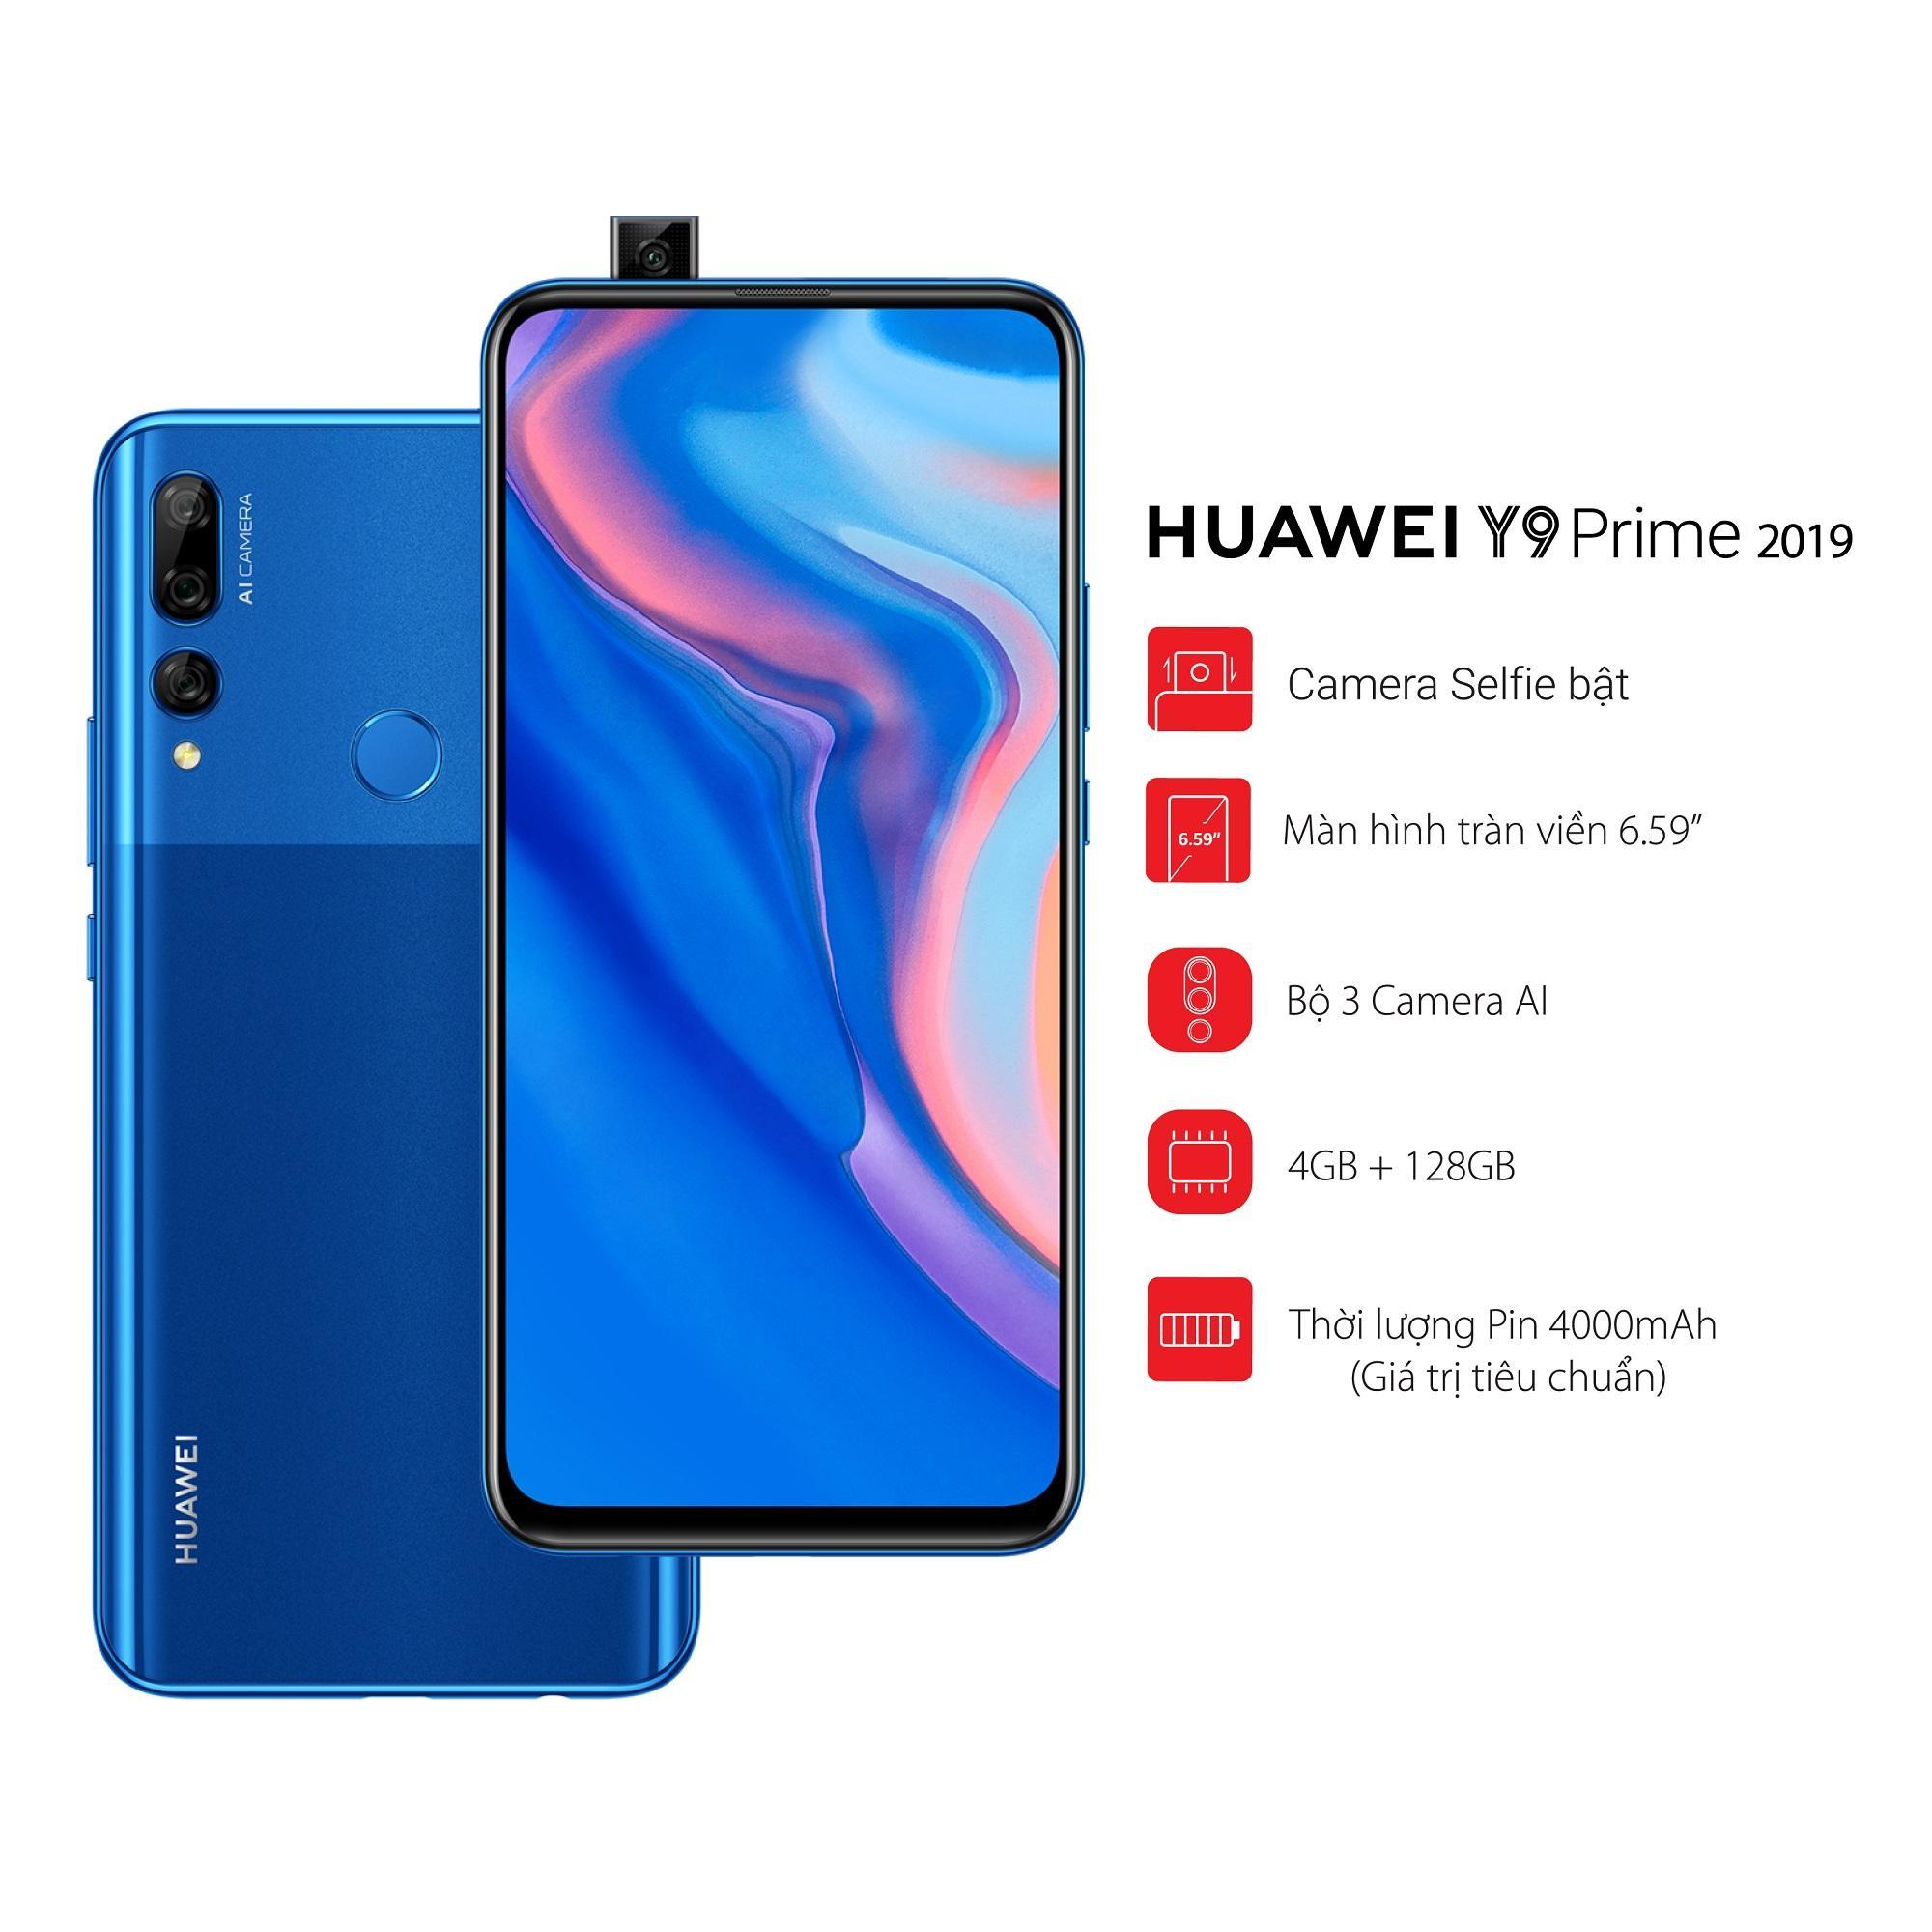 Điện Thoại Huawei Y9 Prime 2019 - 4GB RAM - 128GB ROM - Hãng phân phối chính thức